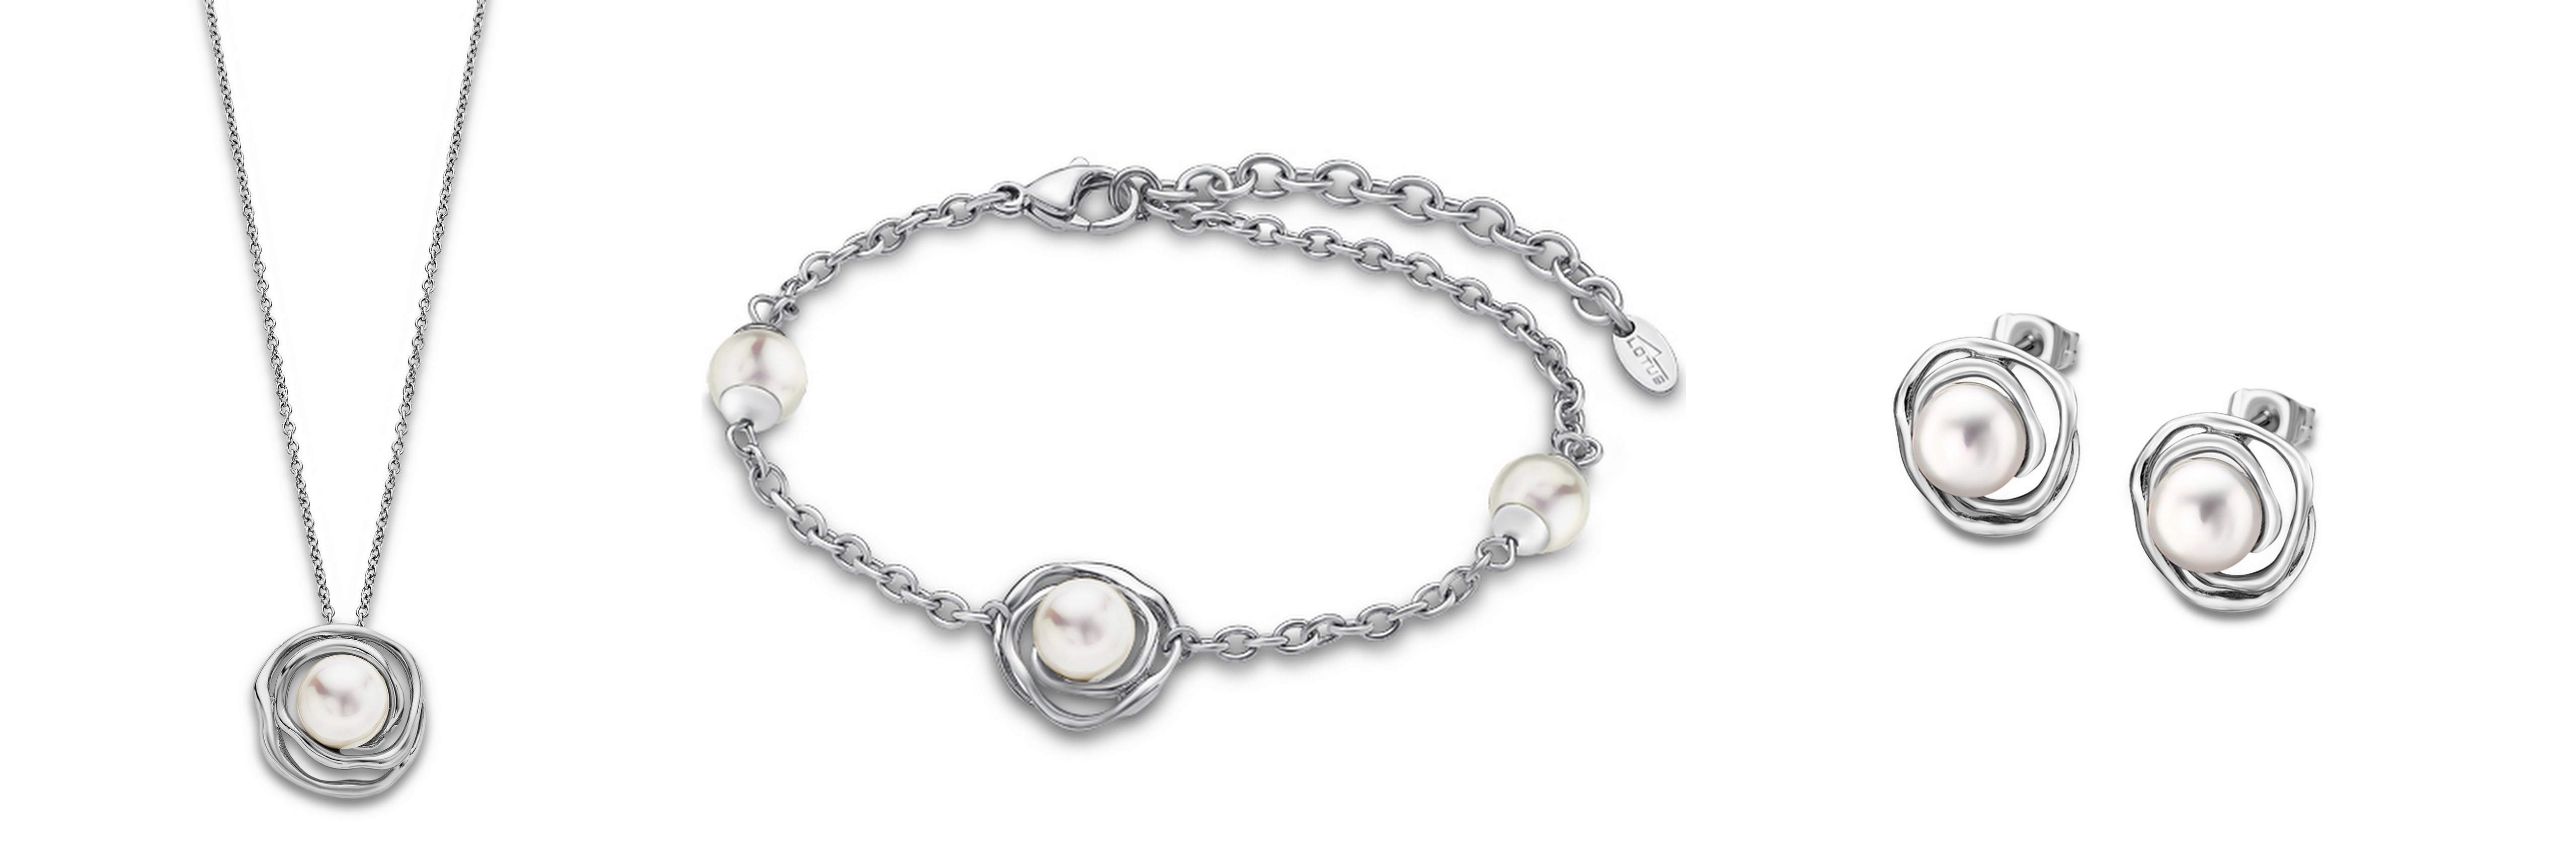 a1fc16dba Konkrétne dámskych a pánskych šperkov vyrobených o ocele. A práve  ušľachtilá oceľ a produkty z nej vyrobené zažívajú aktuálne vo ...